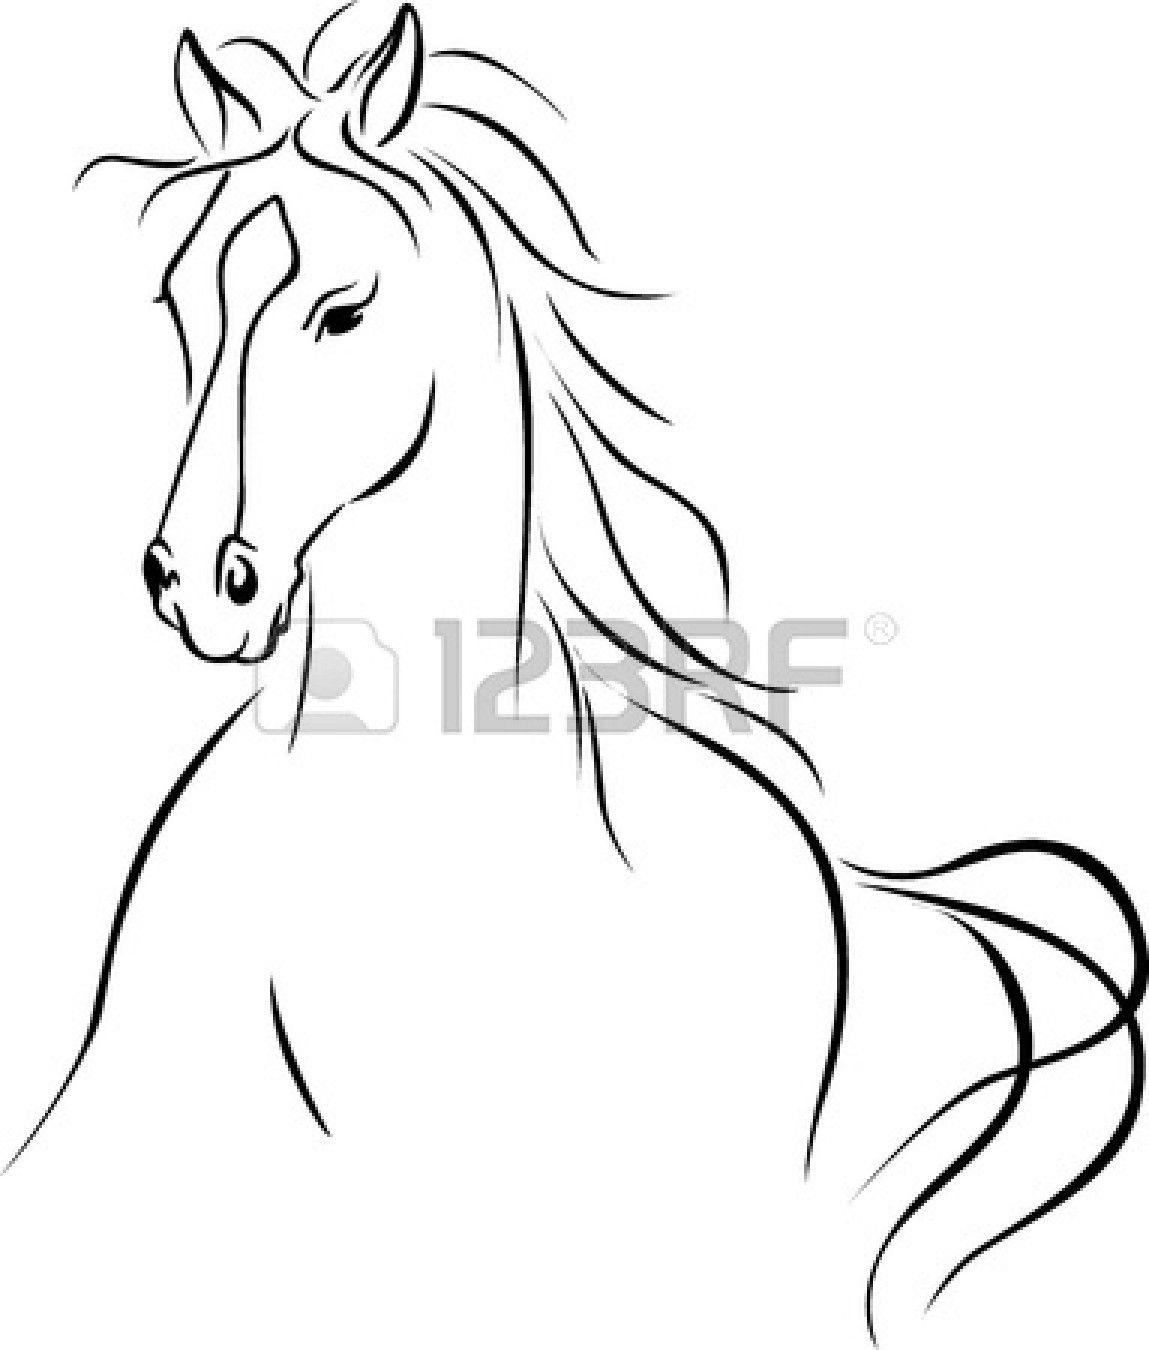 Pour entrainement dessin la douille silhouette cheval cheval pinterest dessin dessin - Dessins de chevaux facile ...